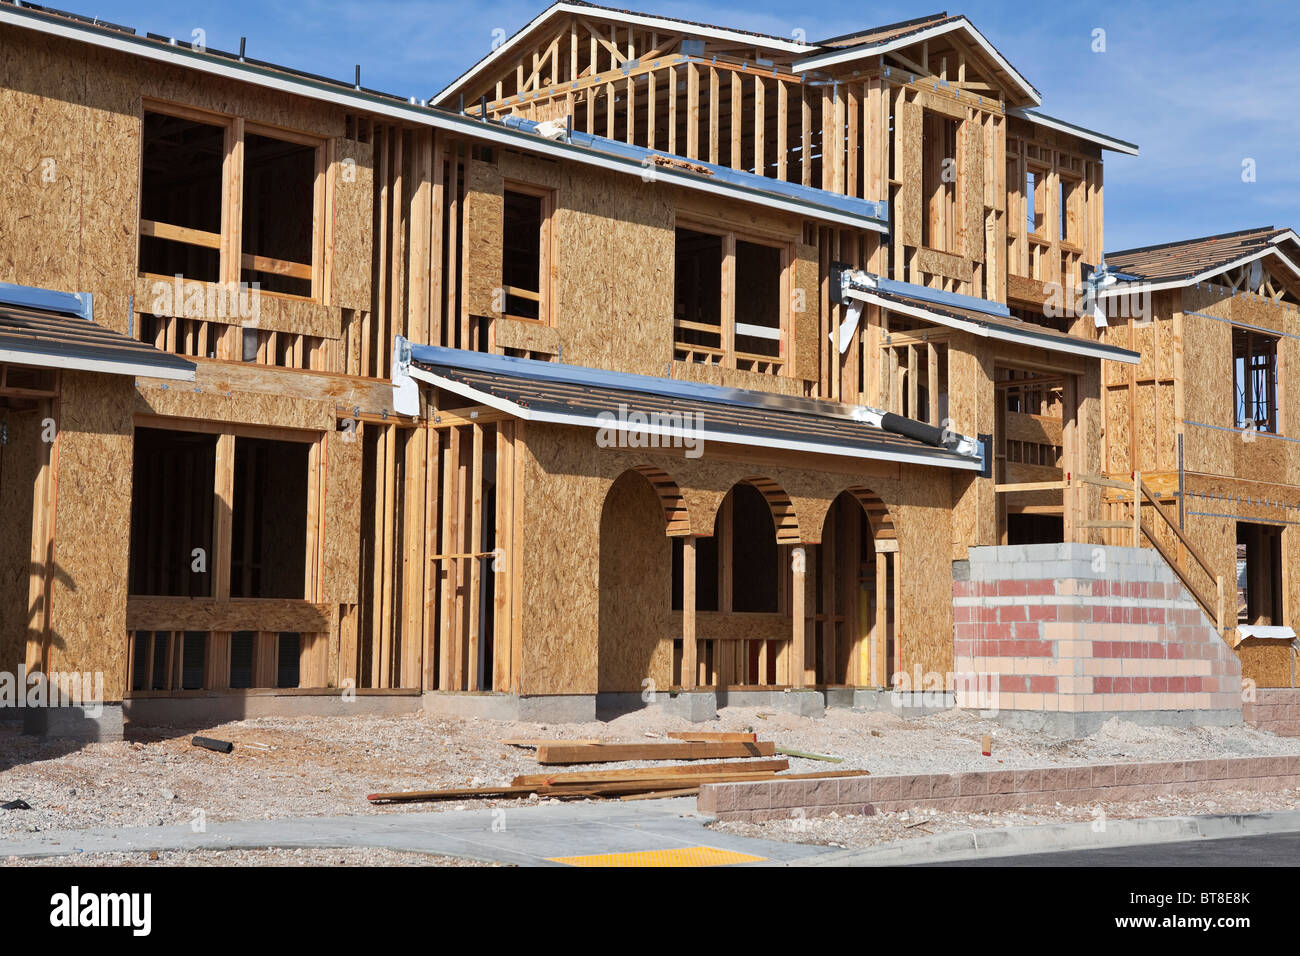 Sólidamente construido casa moderna construcción en el oeste de los Estados Unidos. Imagen De Stock